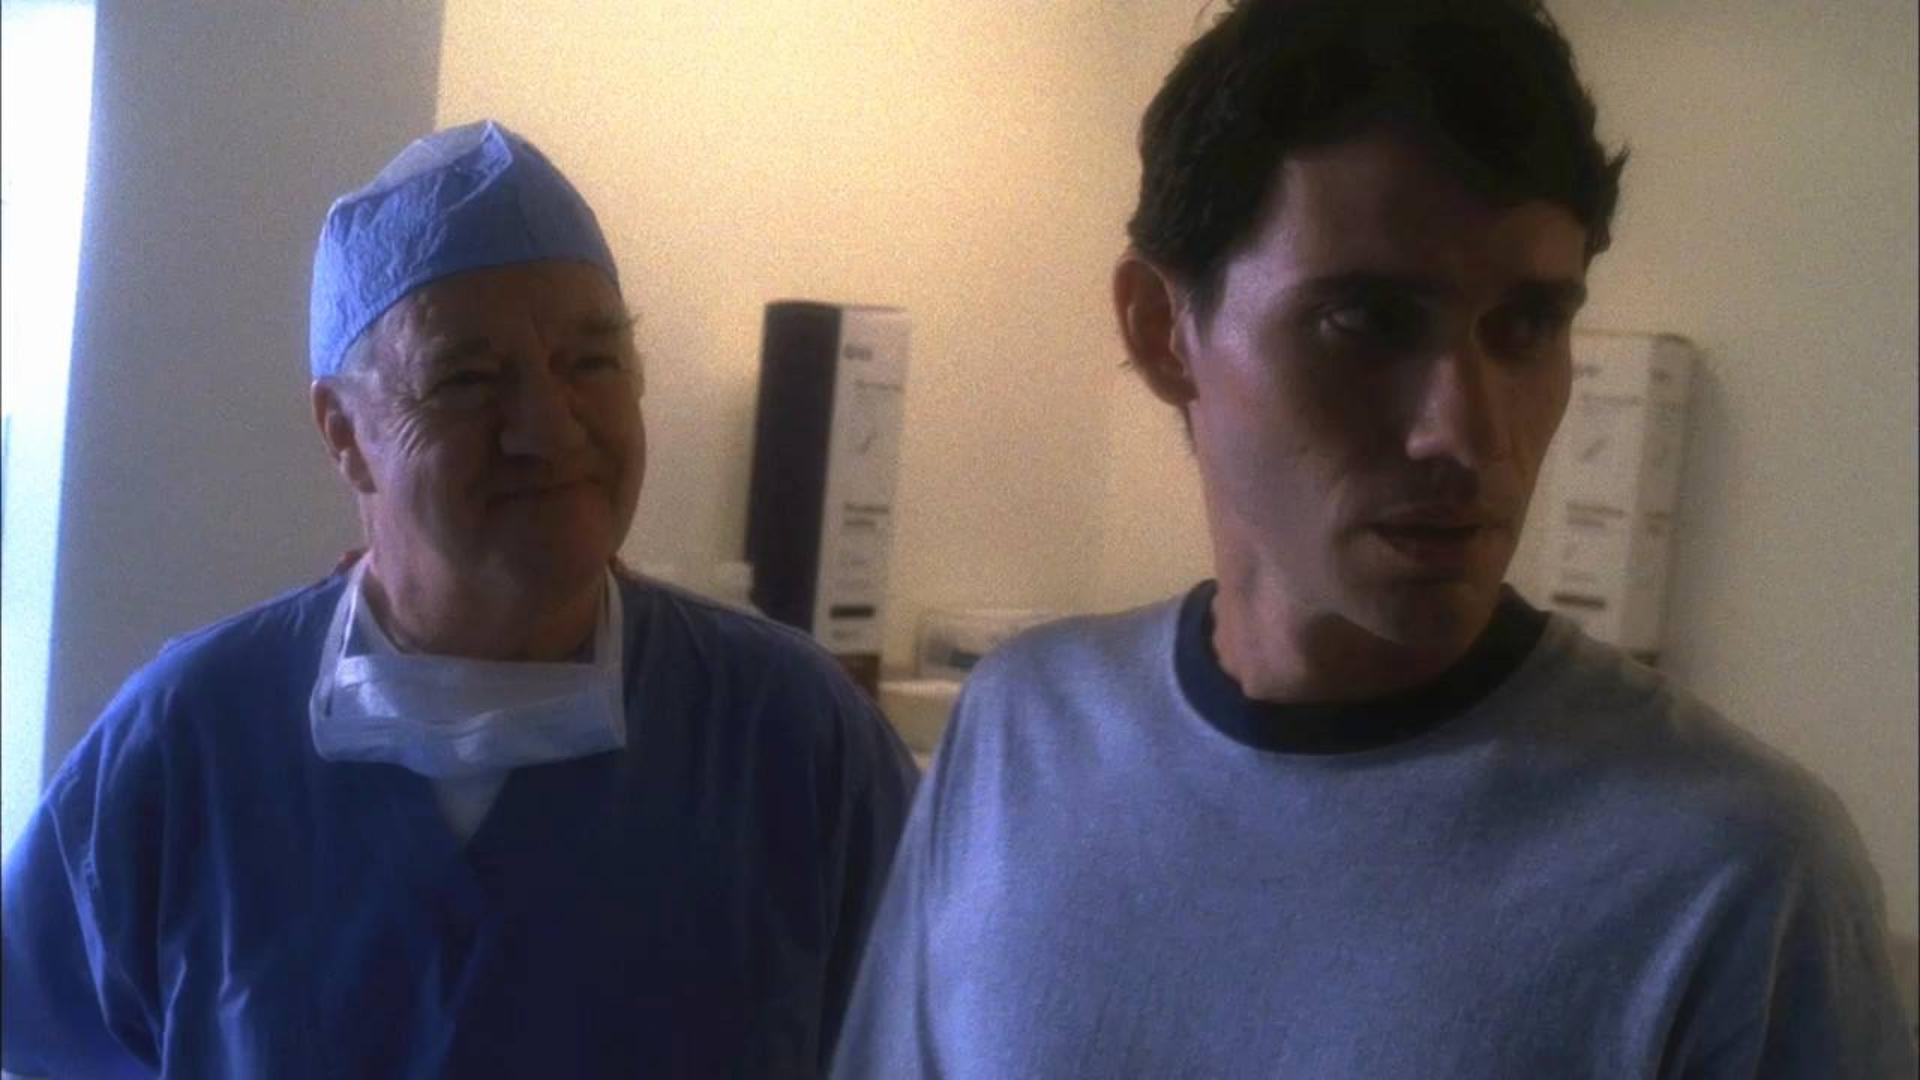 医生手术时忘记缝针致女子当场身亡,丈夫怒了!《鬼语者07》